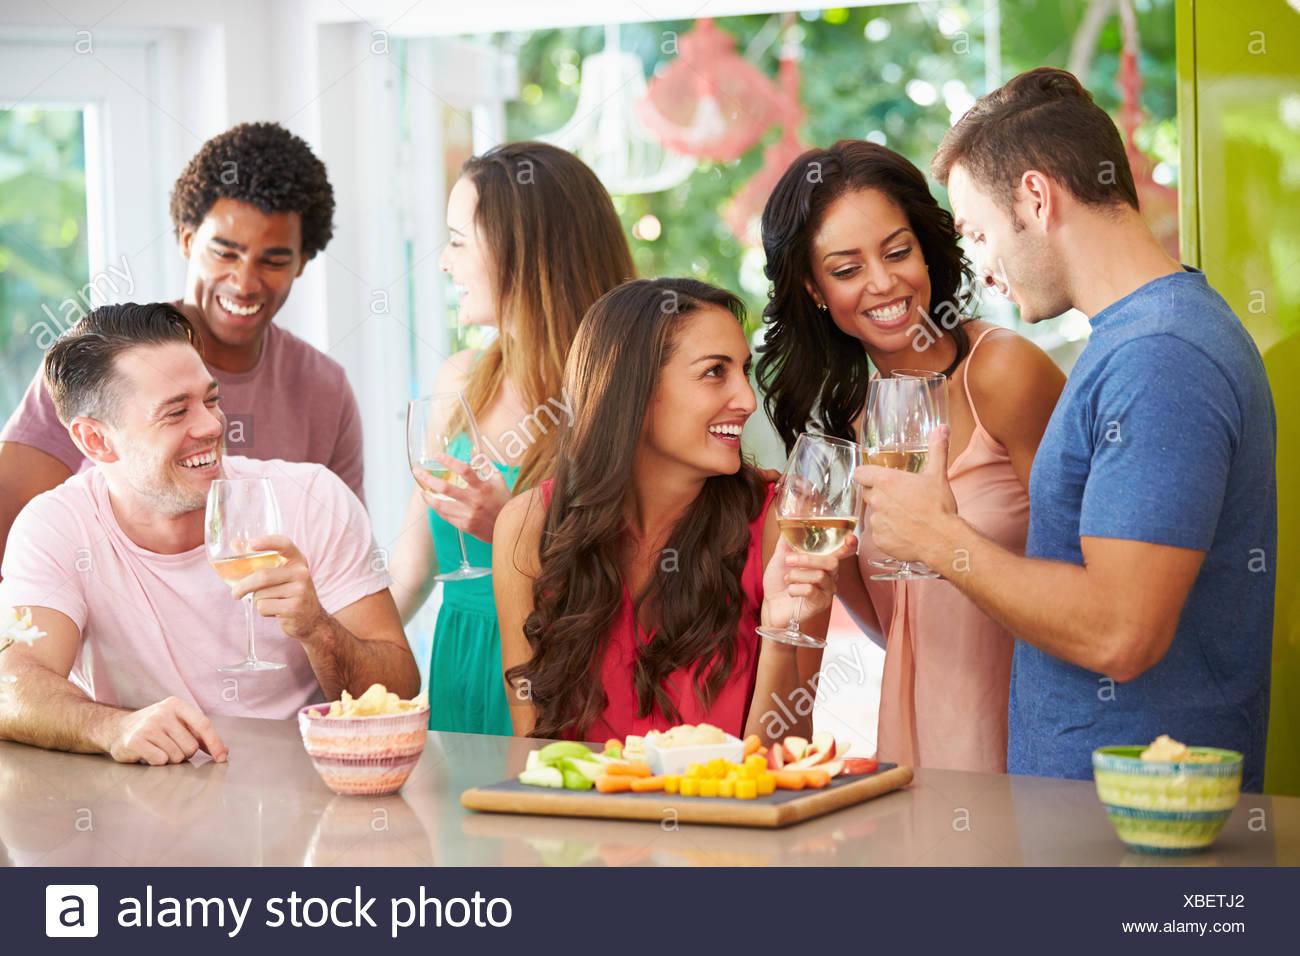 Groupe d'amis parti prendre un verre à la maison Photo Stock